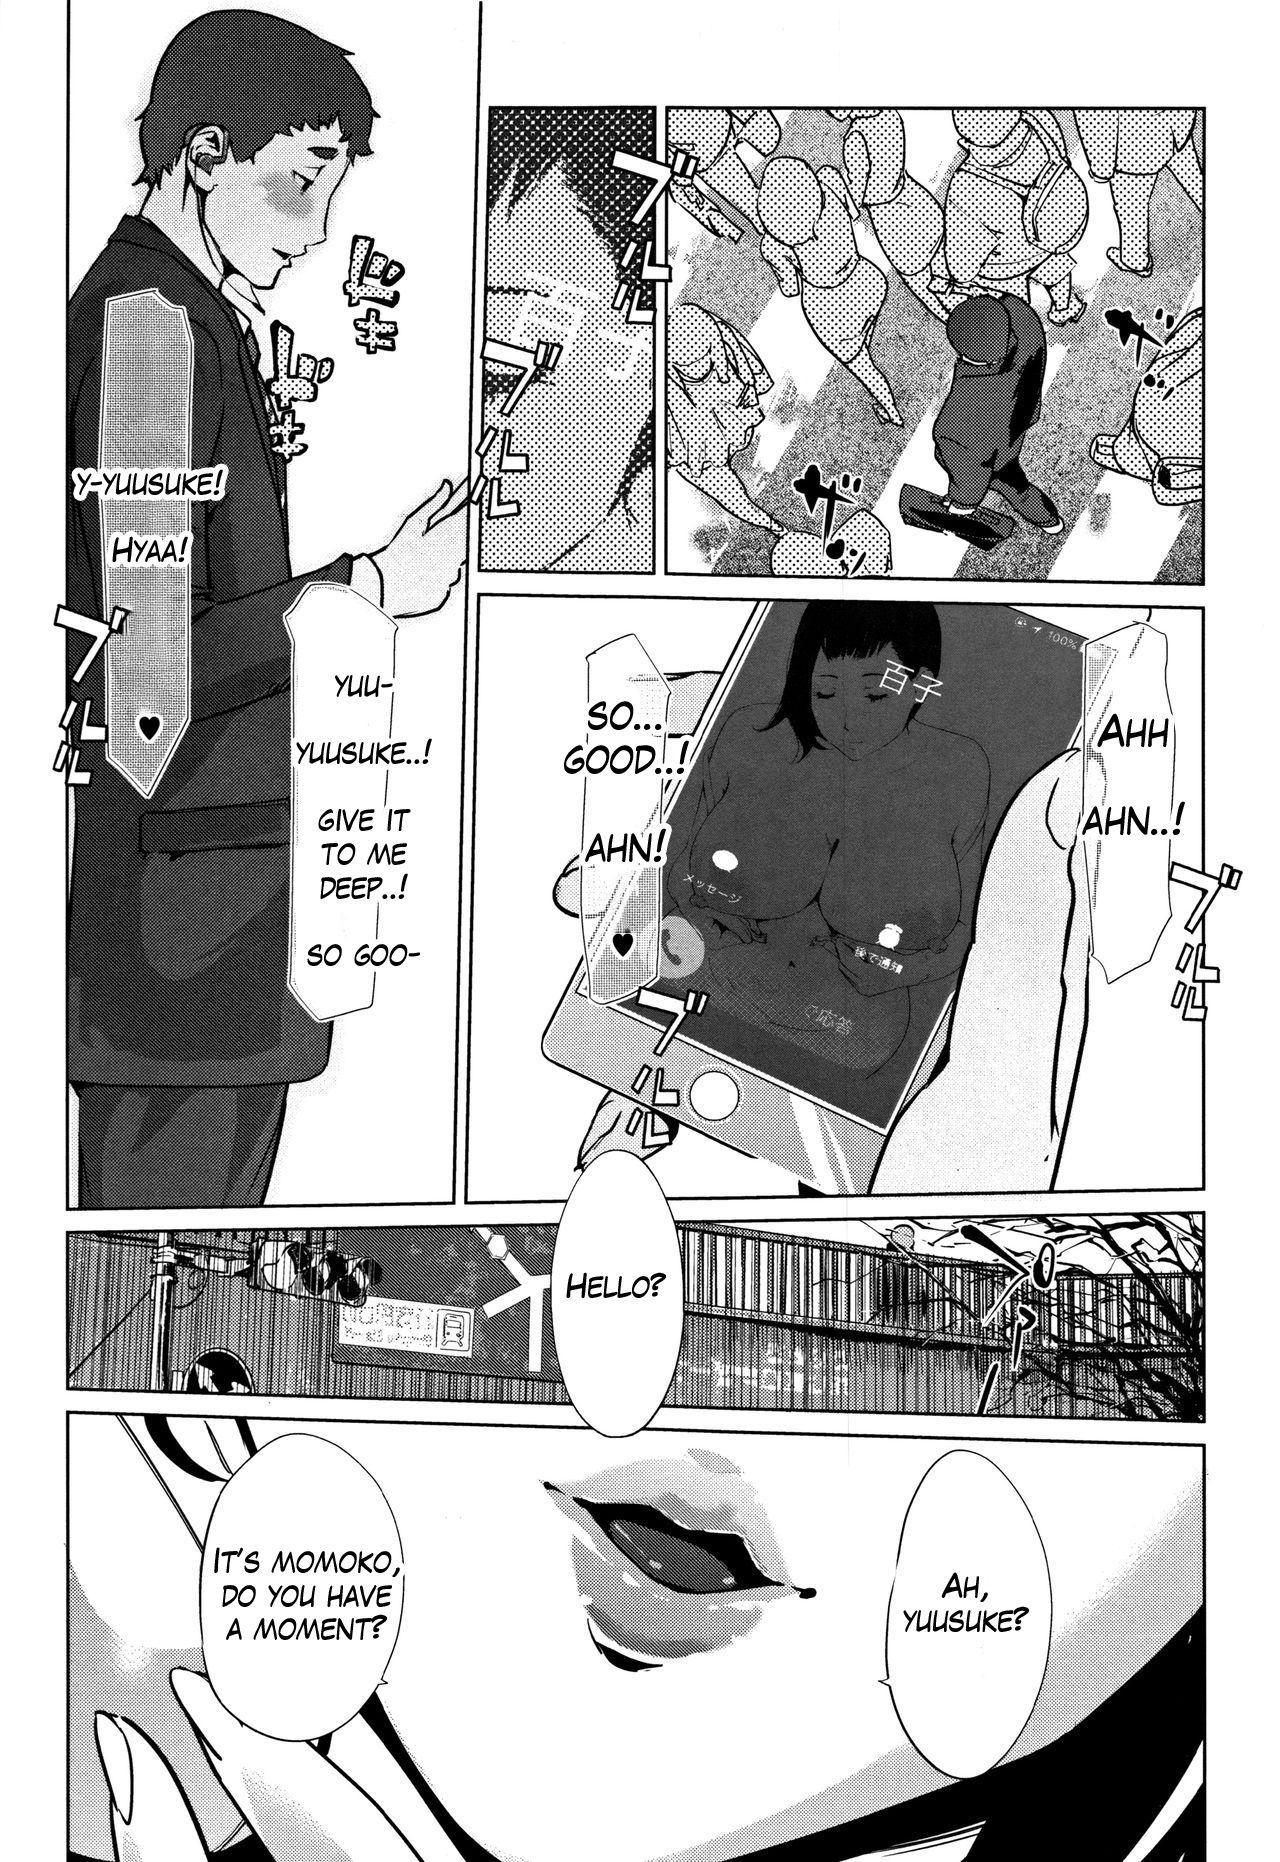 [Clone Ningen] Shinjuiro no Zanzou ~Kazoku ga Neshizumatta Ato de~ Ch. 6 [English] 14